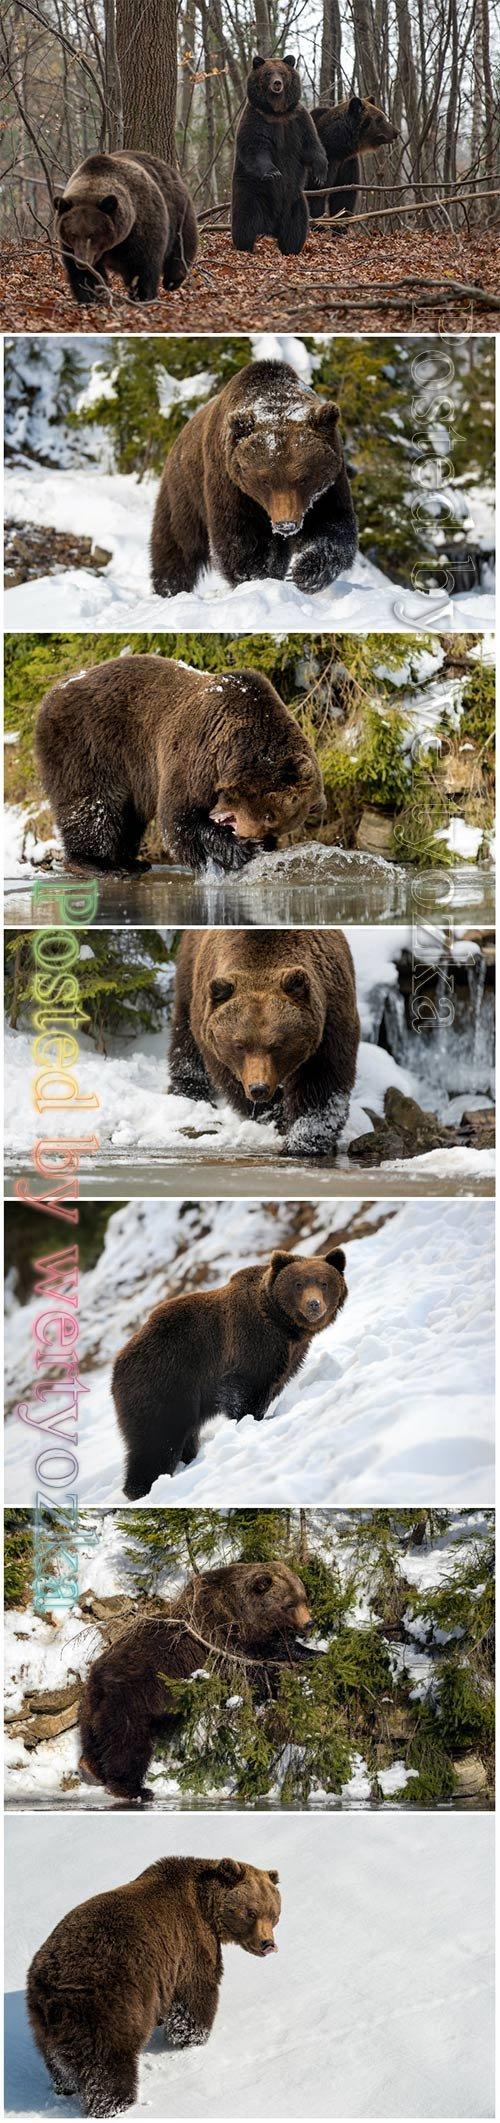 Wild brown bear beautiful stock photo